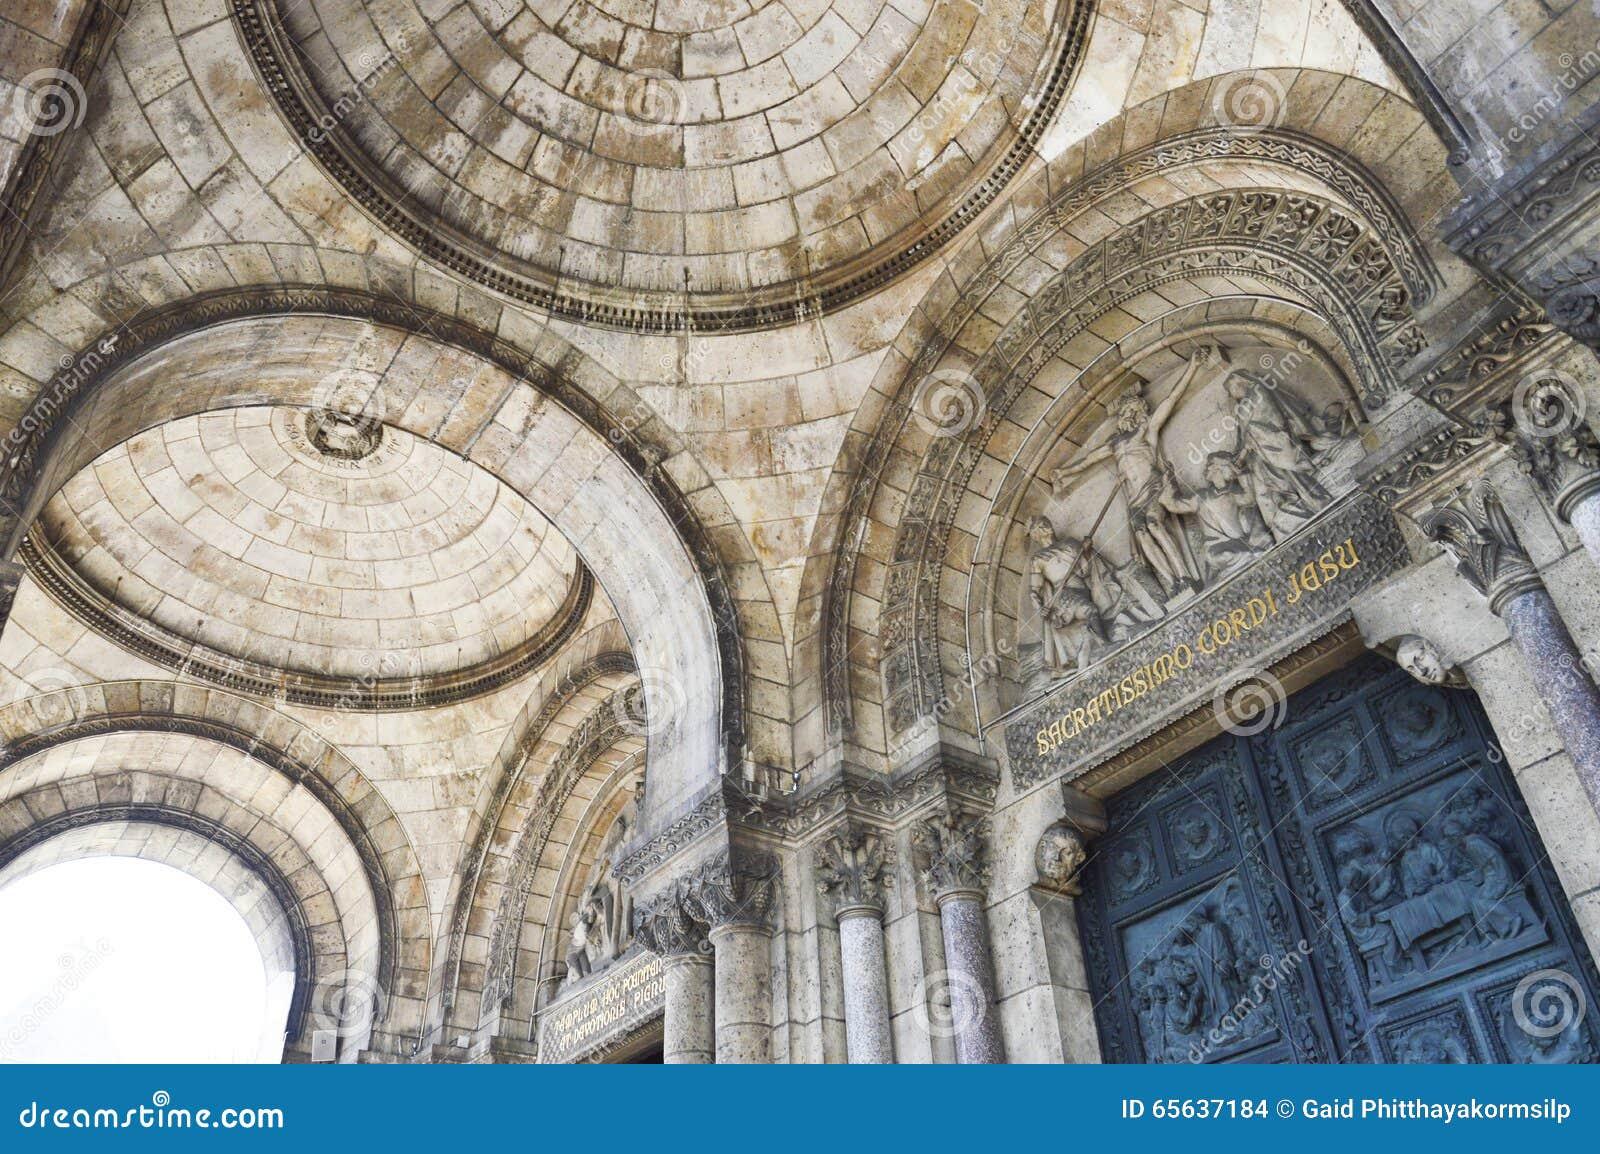 La basilique du coeur sacré de Paris, un chur catholique